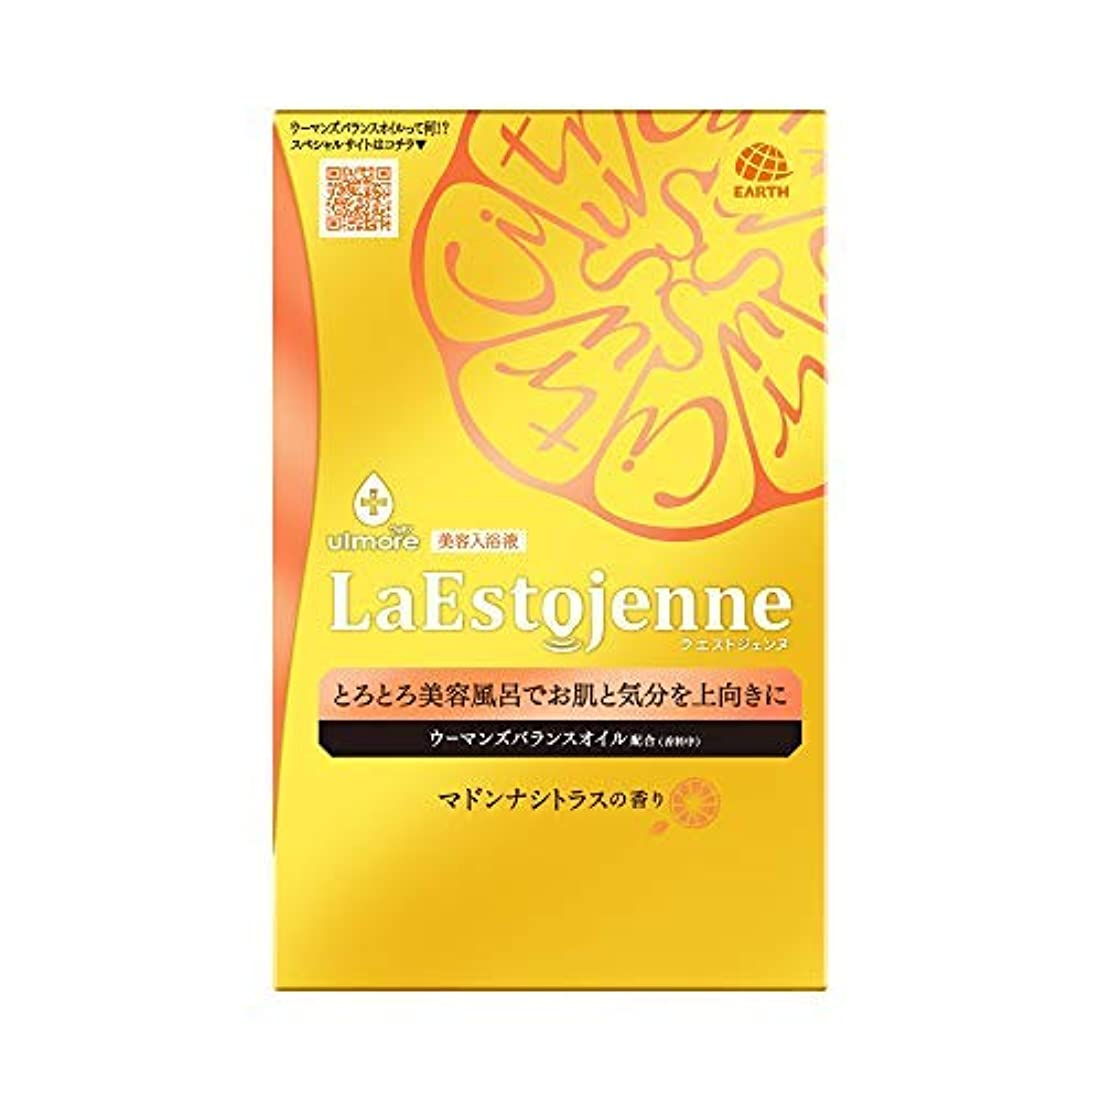 たっぷり覚醒相談ウルモア ラエストジェンヌ マドンナシトラスの香り 3包入り × 3個セット